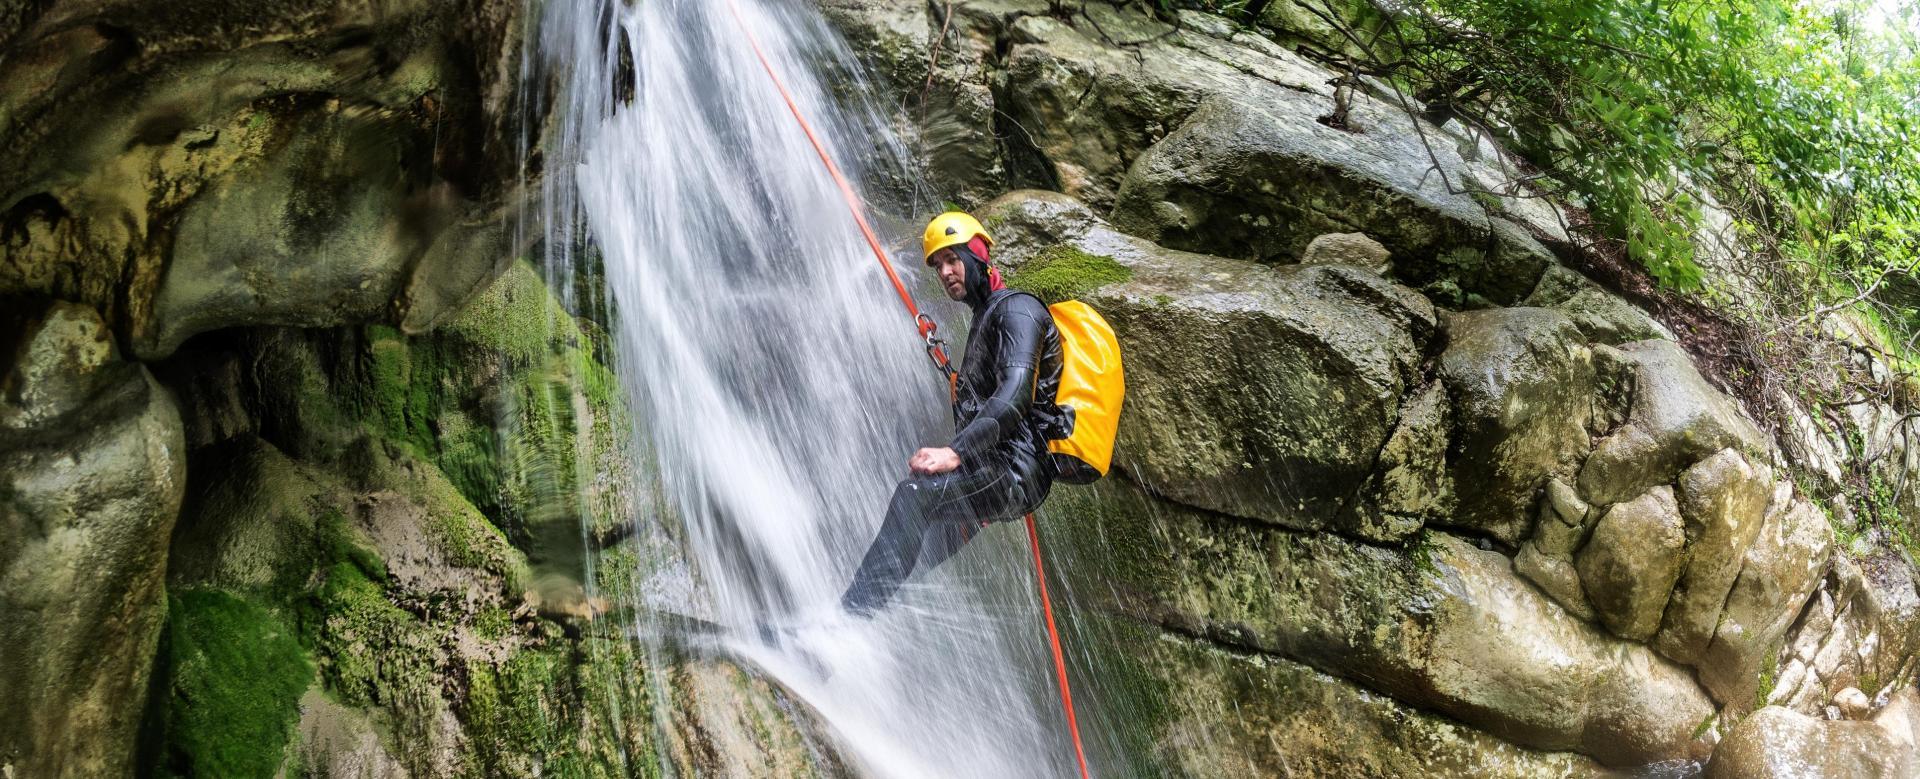 Voyage sur l'eau : Canyoning en sierra de guara